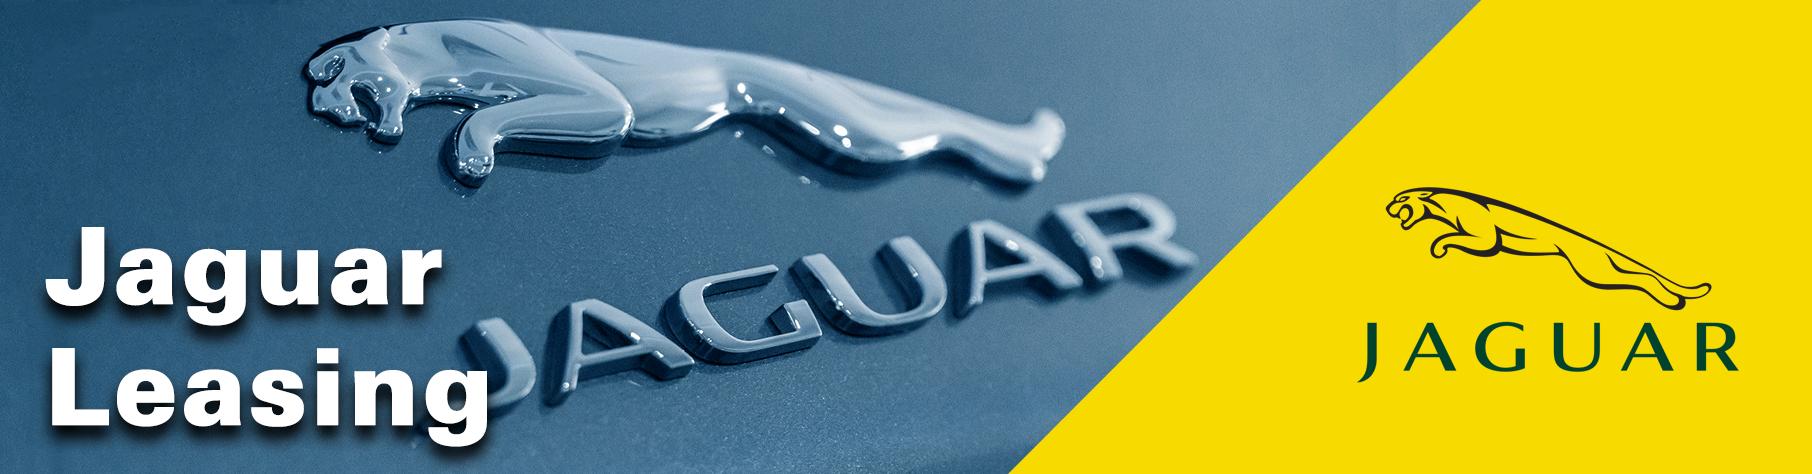 JAGUAR F-Type-Leasing für Ihr Business - Unsere JAGUAR F-Type-Leasing-Bestseller